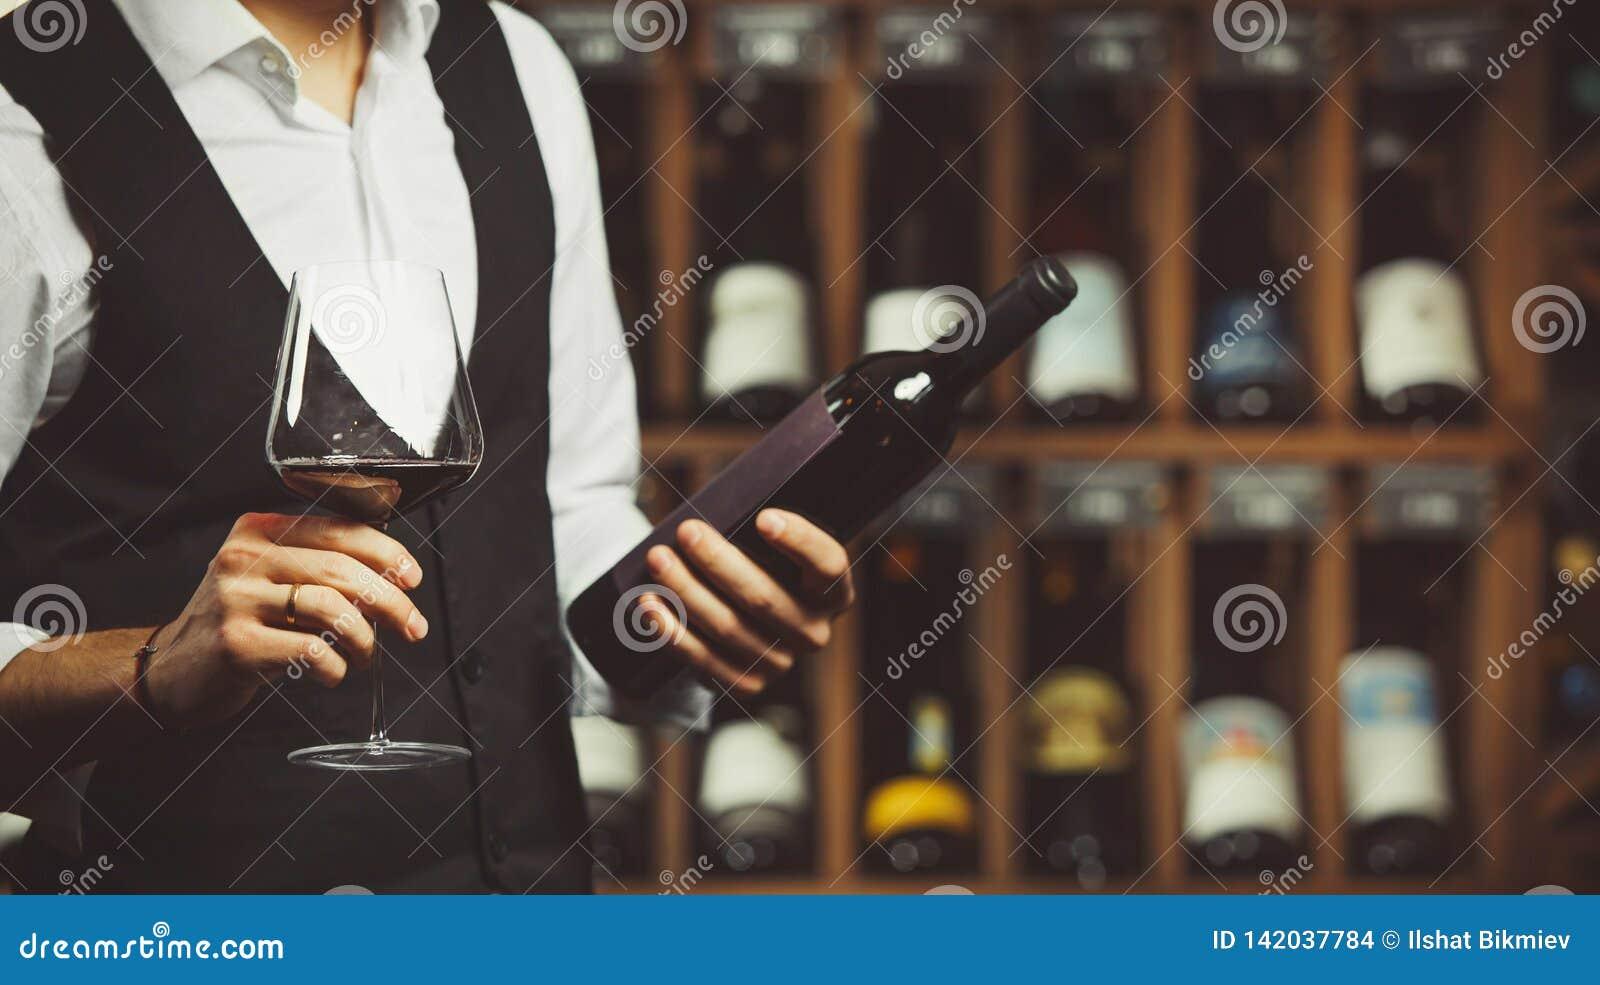 Το Sommelier δοκιμάζει το κόκκινο κρασί και διαβάζει την ετικέτα του μπουκαλιού, κινηματογράφηση σε πρώτο πλάνο που πυροβολείται